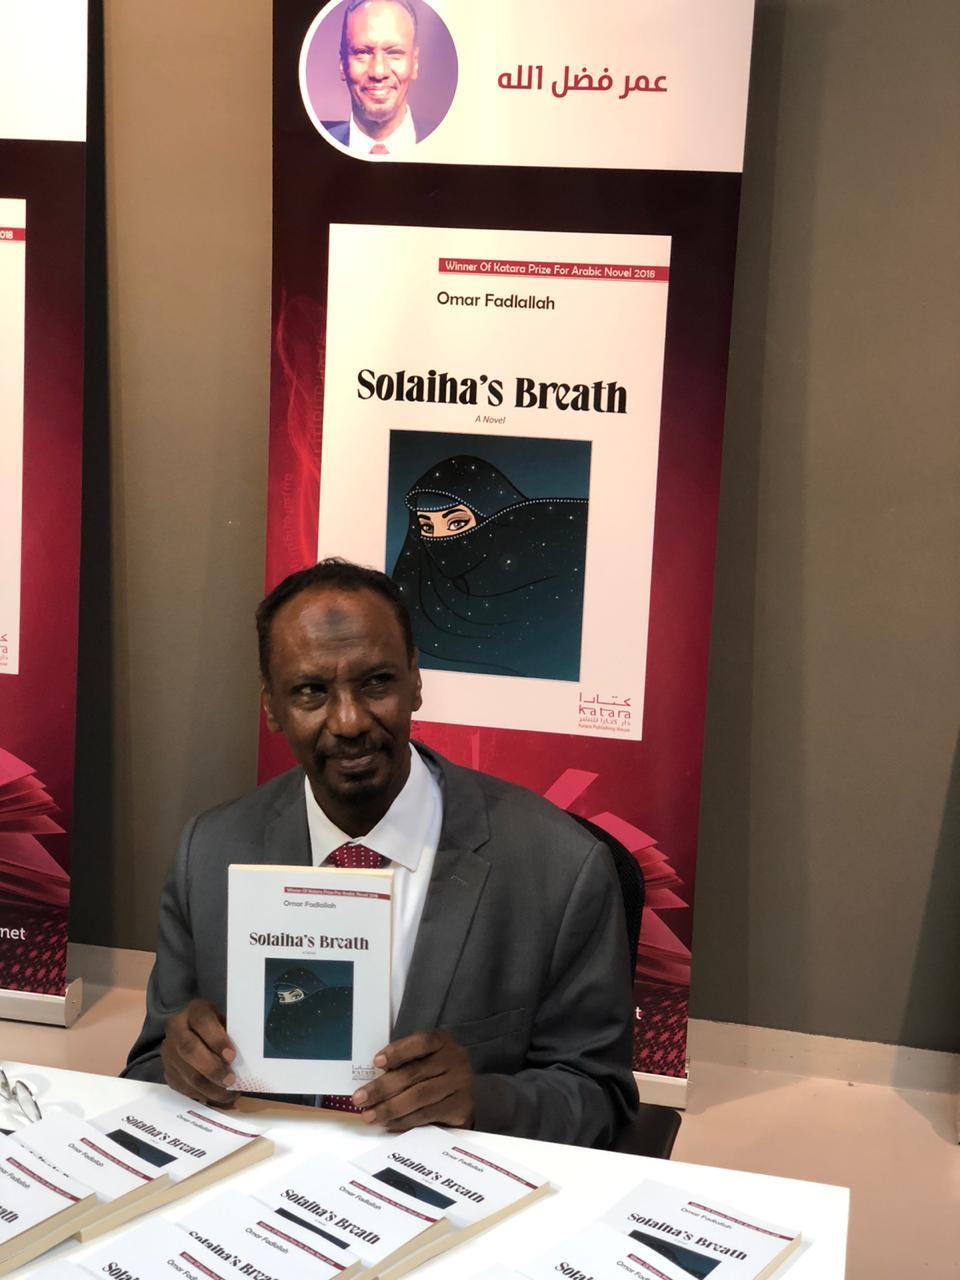 إطلاق النسخة الإنجليزية لرواية أنفاس صليحة الفائزة بجائزة كتارا للرواية العربية2018